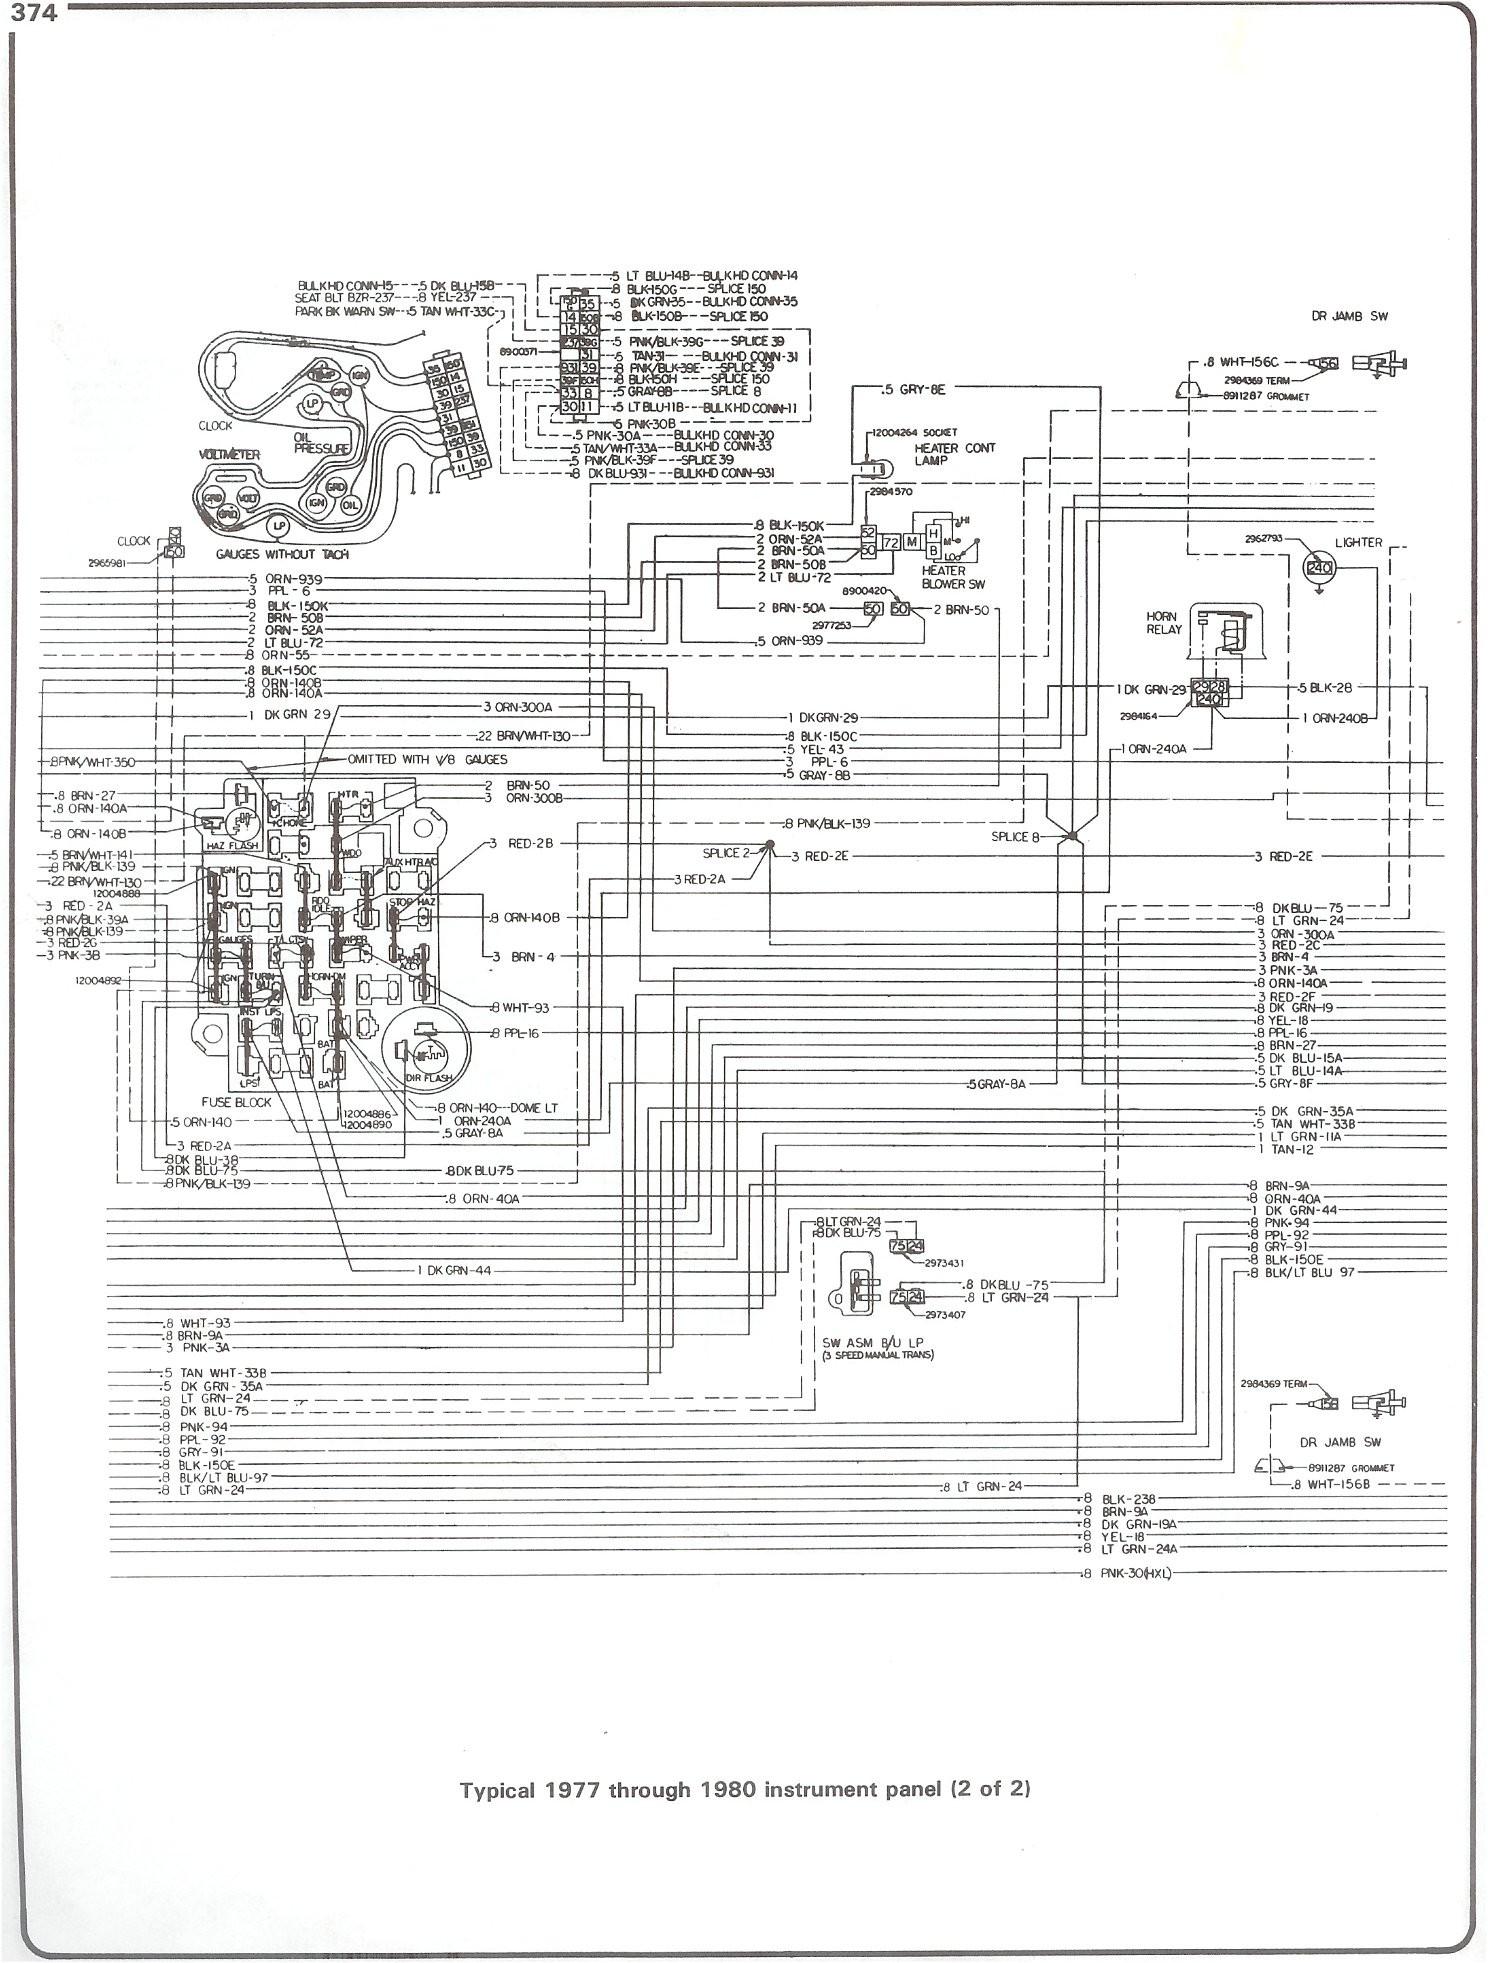 L Ford Engine Diagram on oil cooler, camshaft phaser, internal view, 3v cylinder heads, supercharged engine,